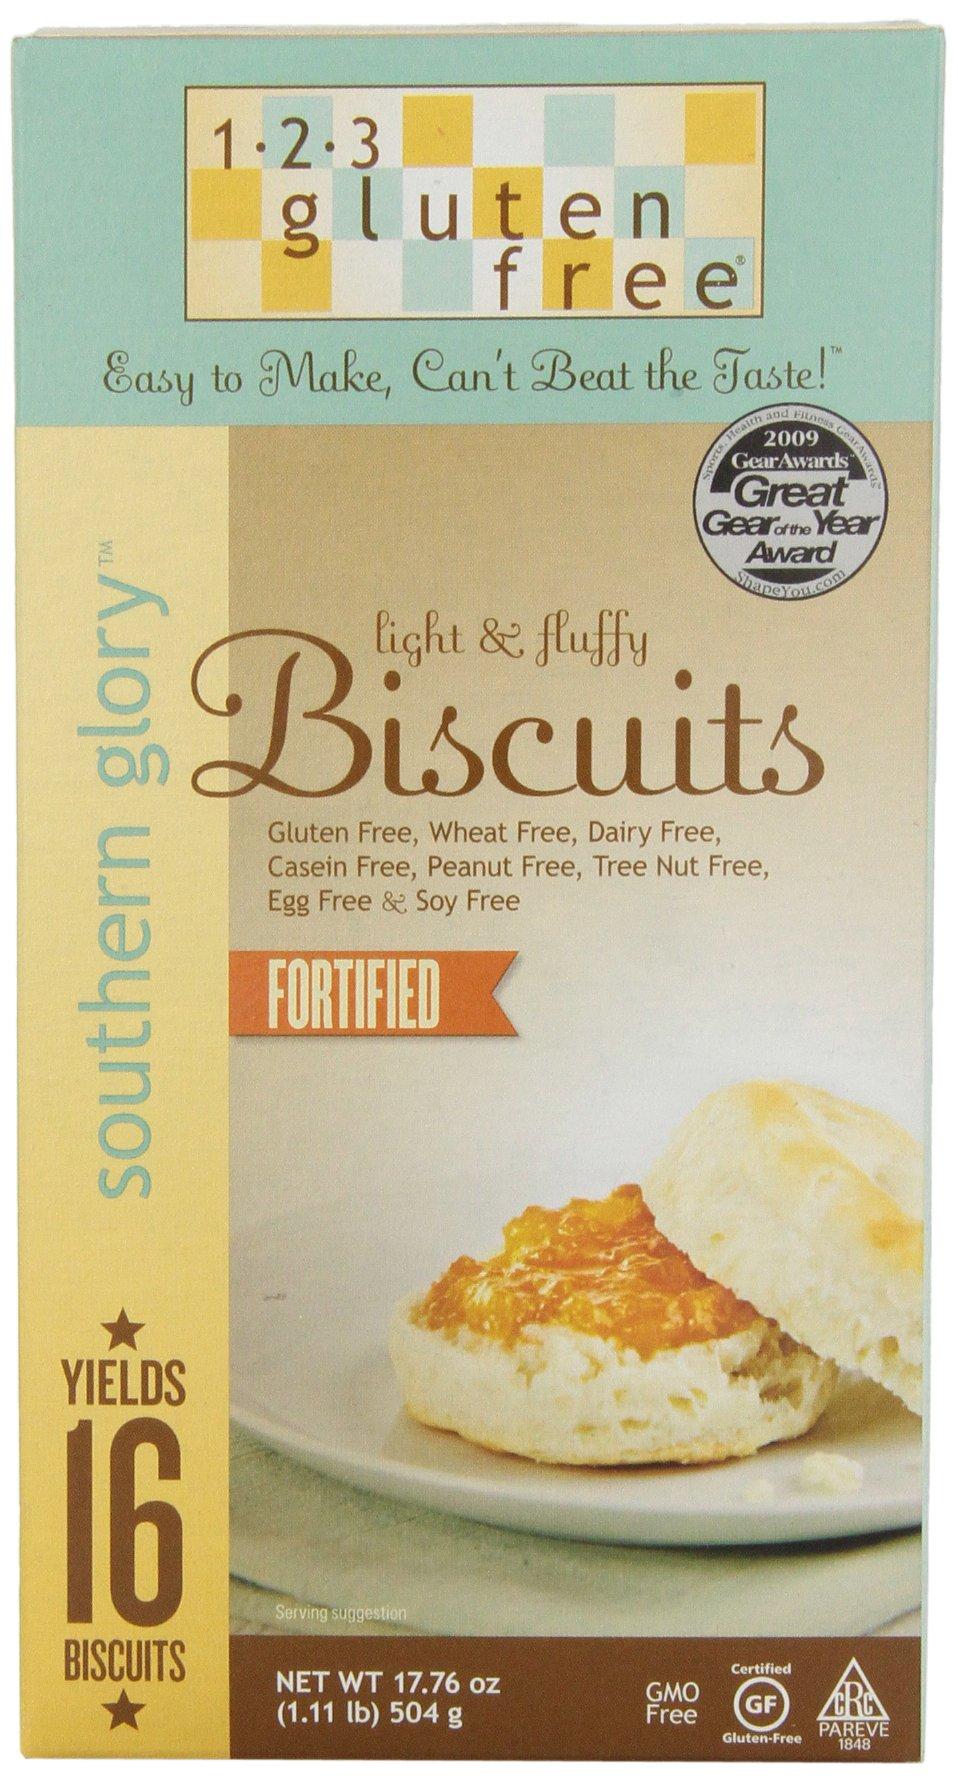 123 Gluten Free Biscuit Mix Wheat And Gluten Free, 17.76 oz